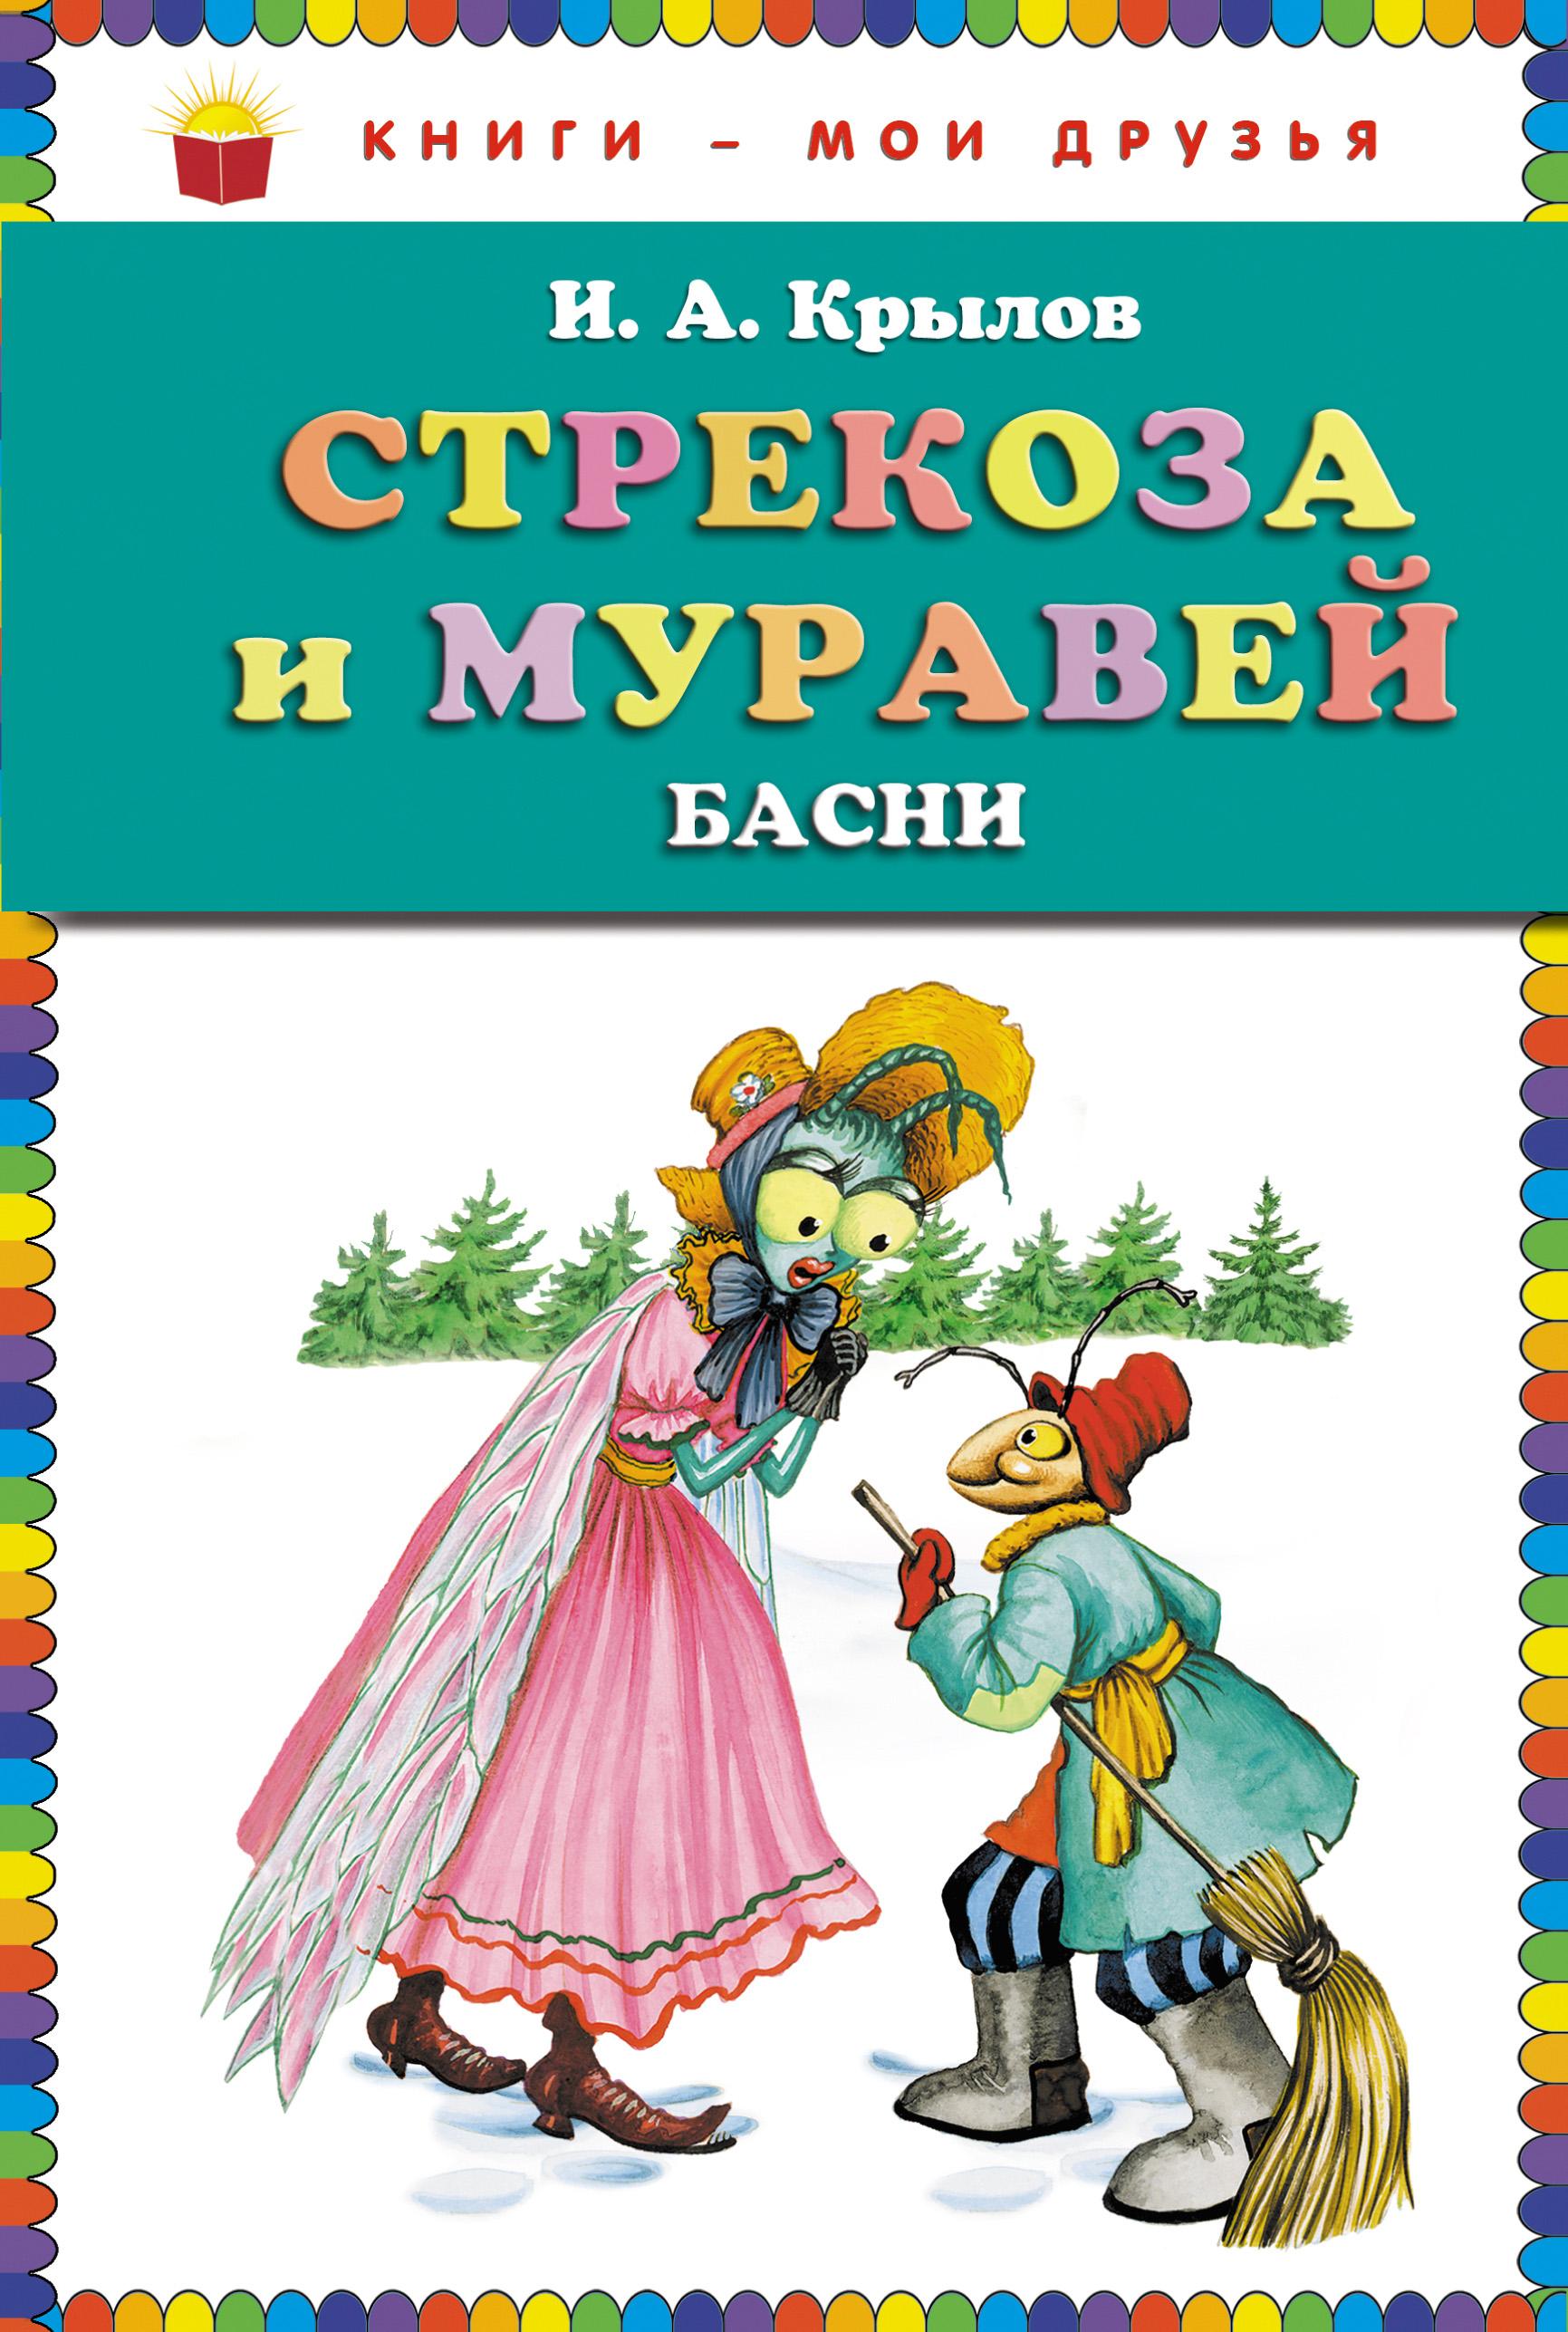 Иван Крылов Стрекоза и муравей (сборник)